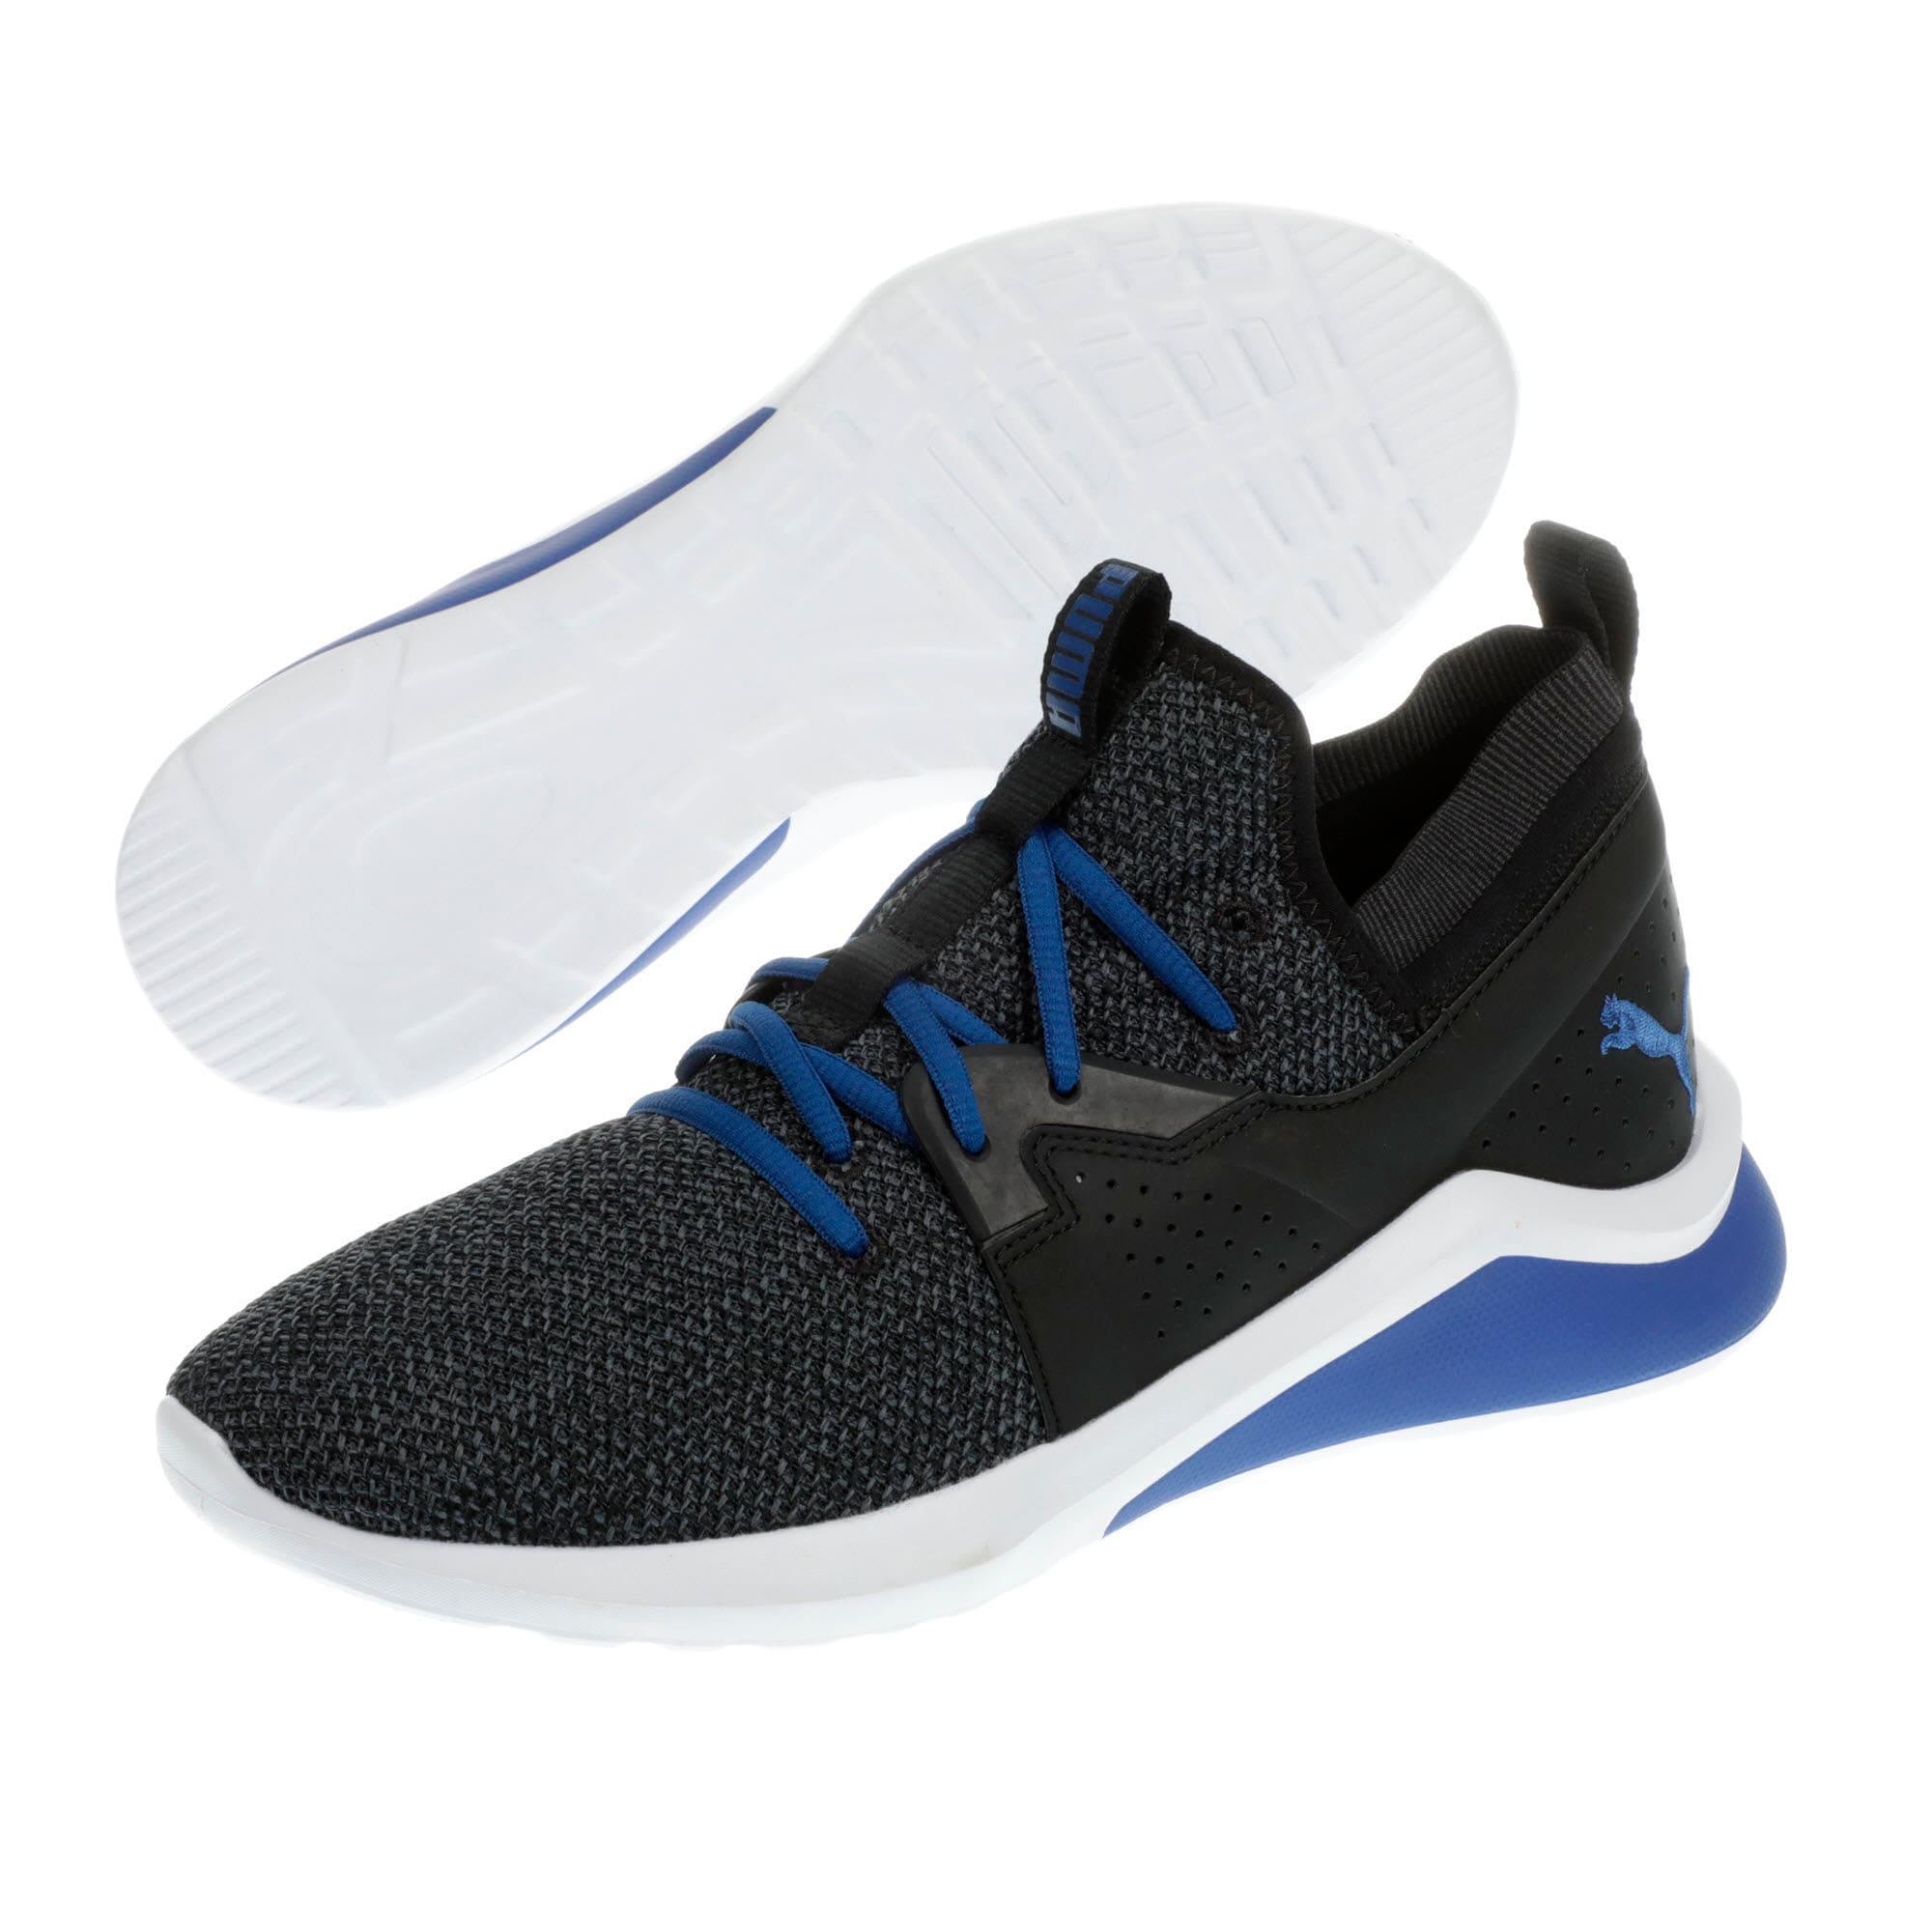 Miniatura 1 de Zapatos deportivos Emergence para hombre, Puma Black-Surf The Web, mediano